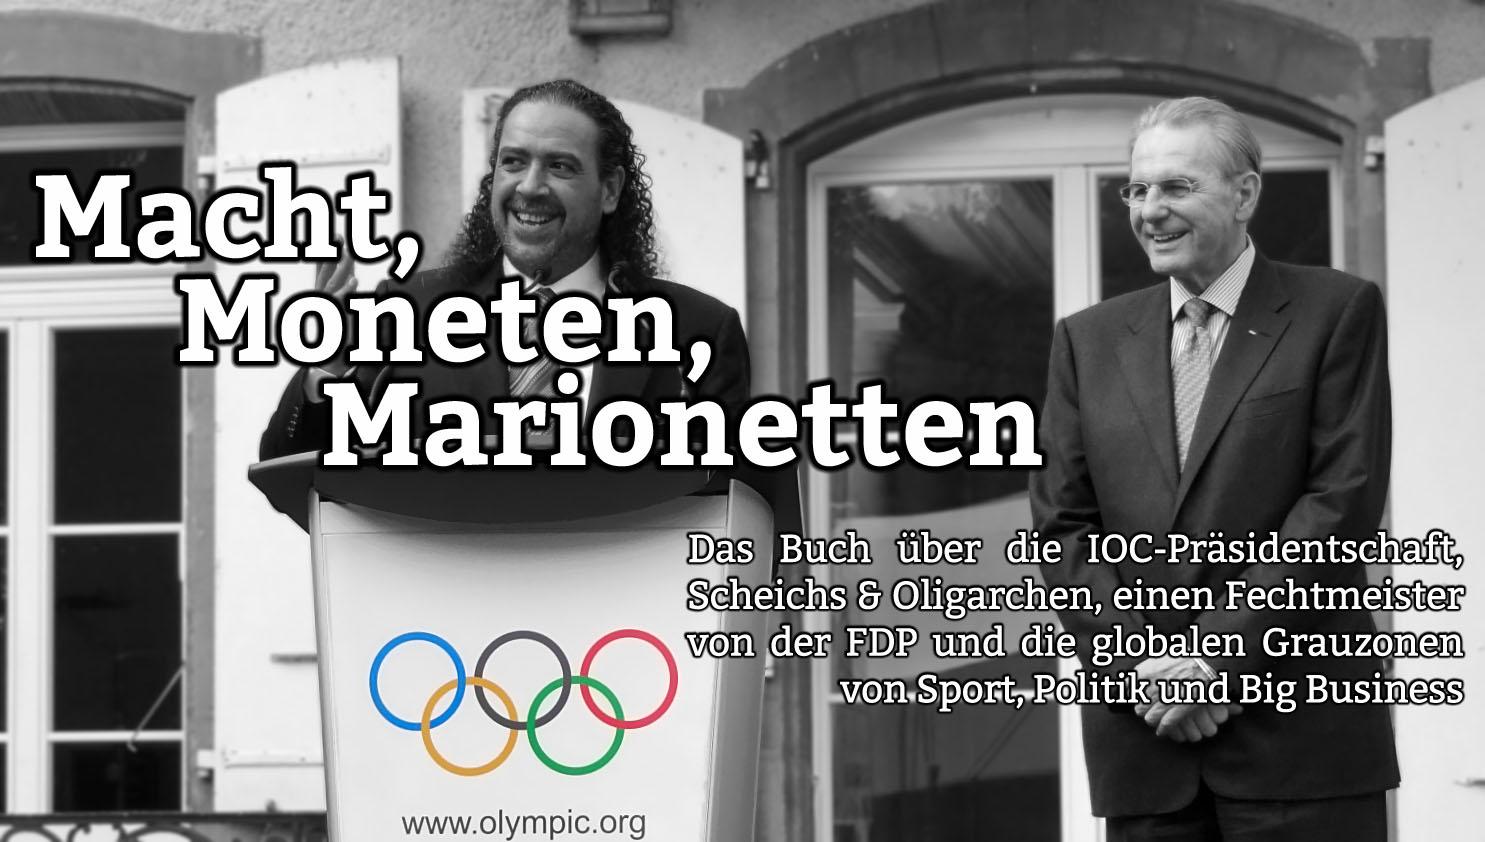 Macht, Moneten, Marionetten - Das Buch über die IOC-Präsidentschaft, Scheichs & Oligarchen, einen Fechtmeister von der FDP und die globalen Grauzonen von Sport, Politik und Big Business